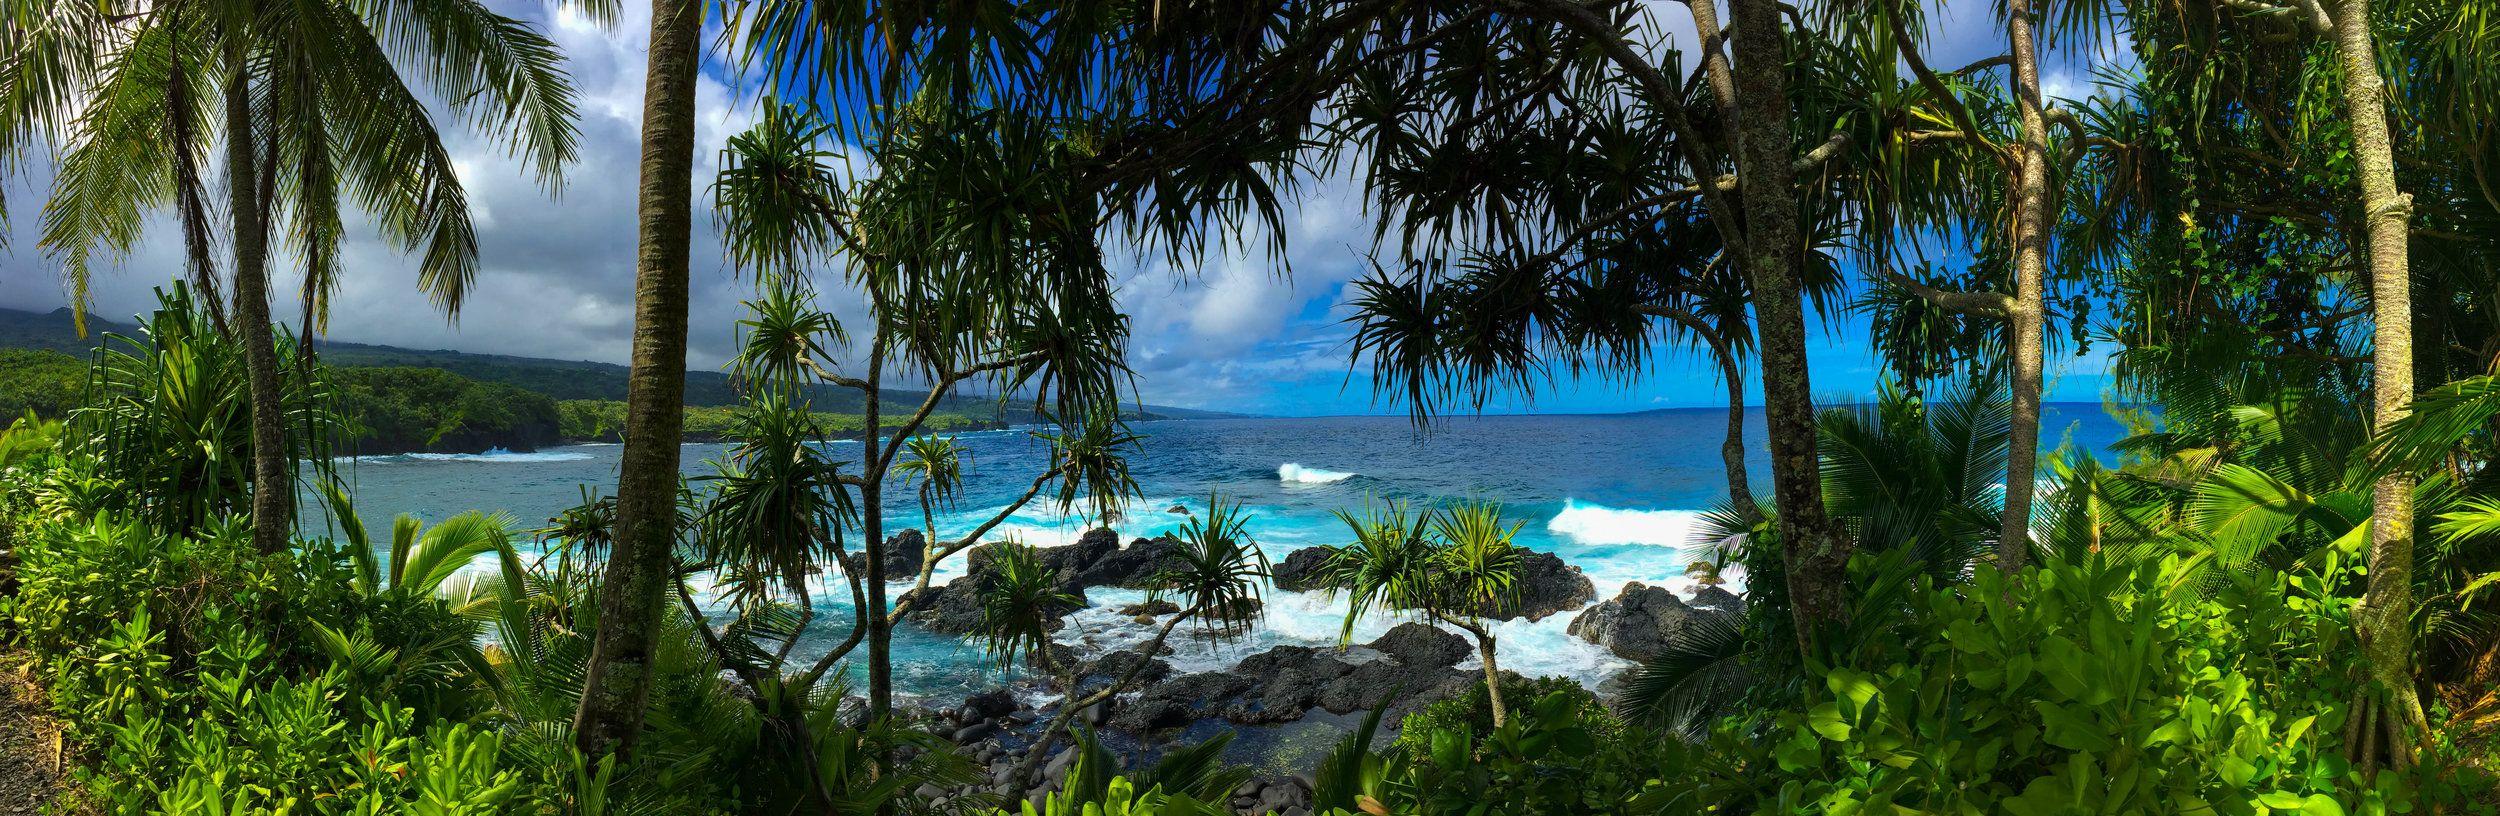 10f1399e3511f713038dd0ffbfcfb628 - Hana Maui Botanical Gardens Hana Hi